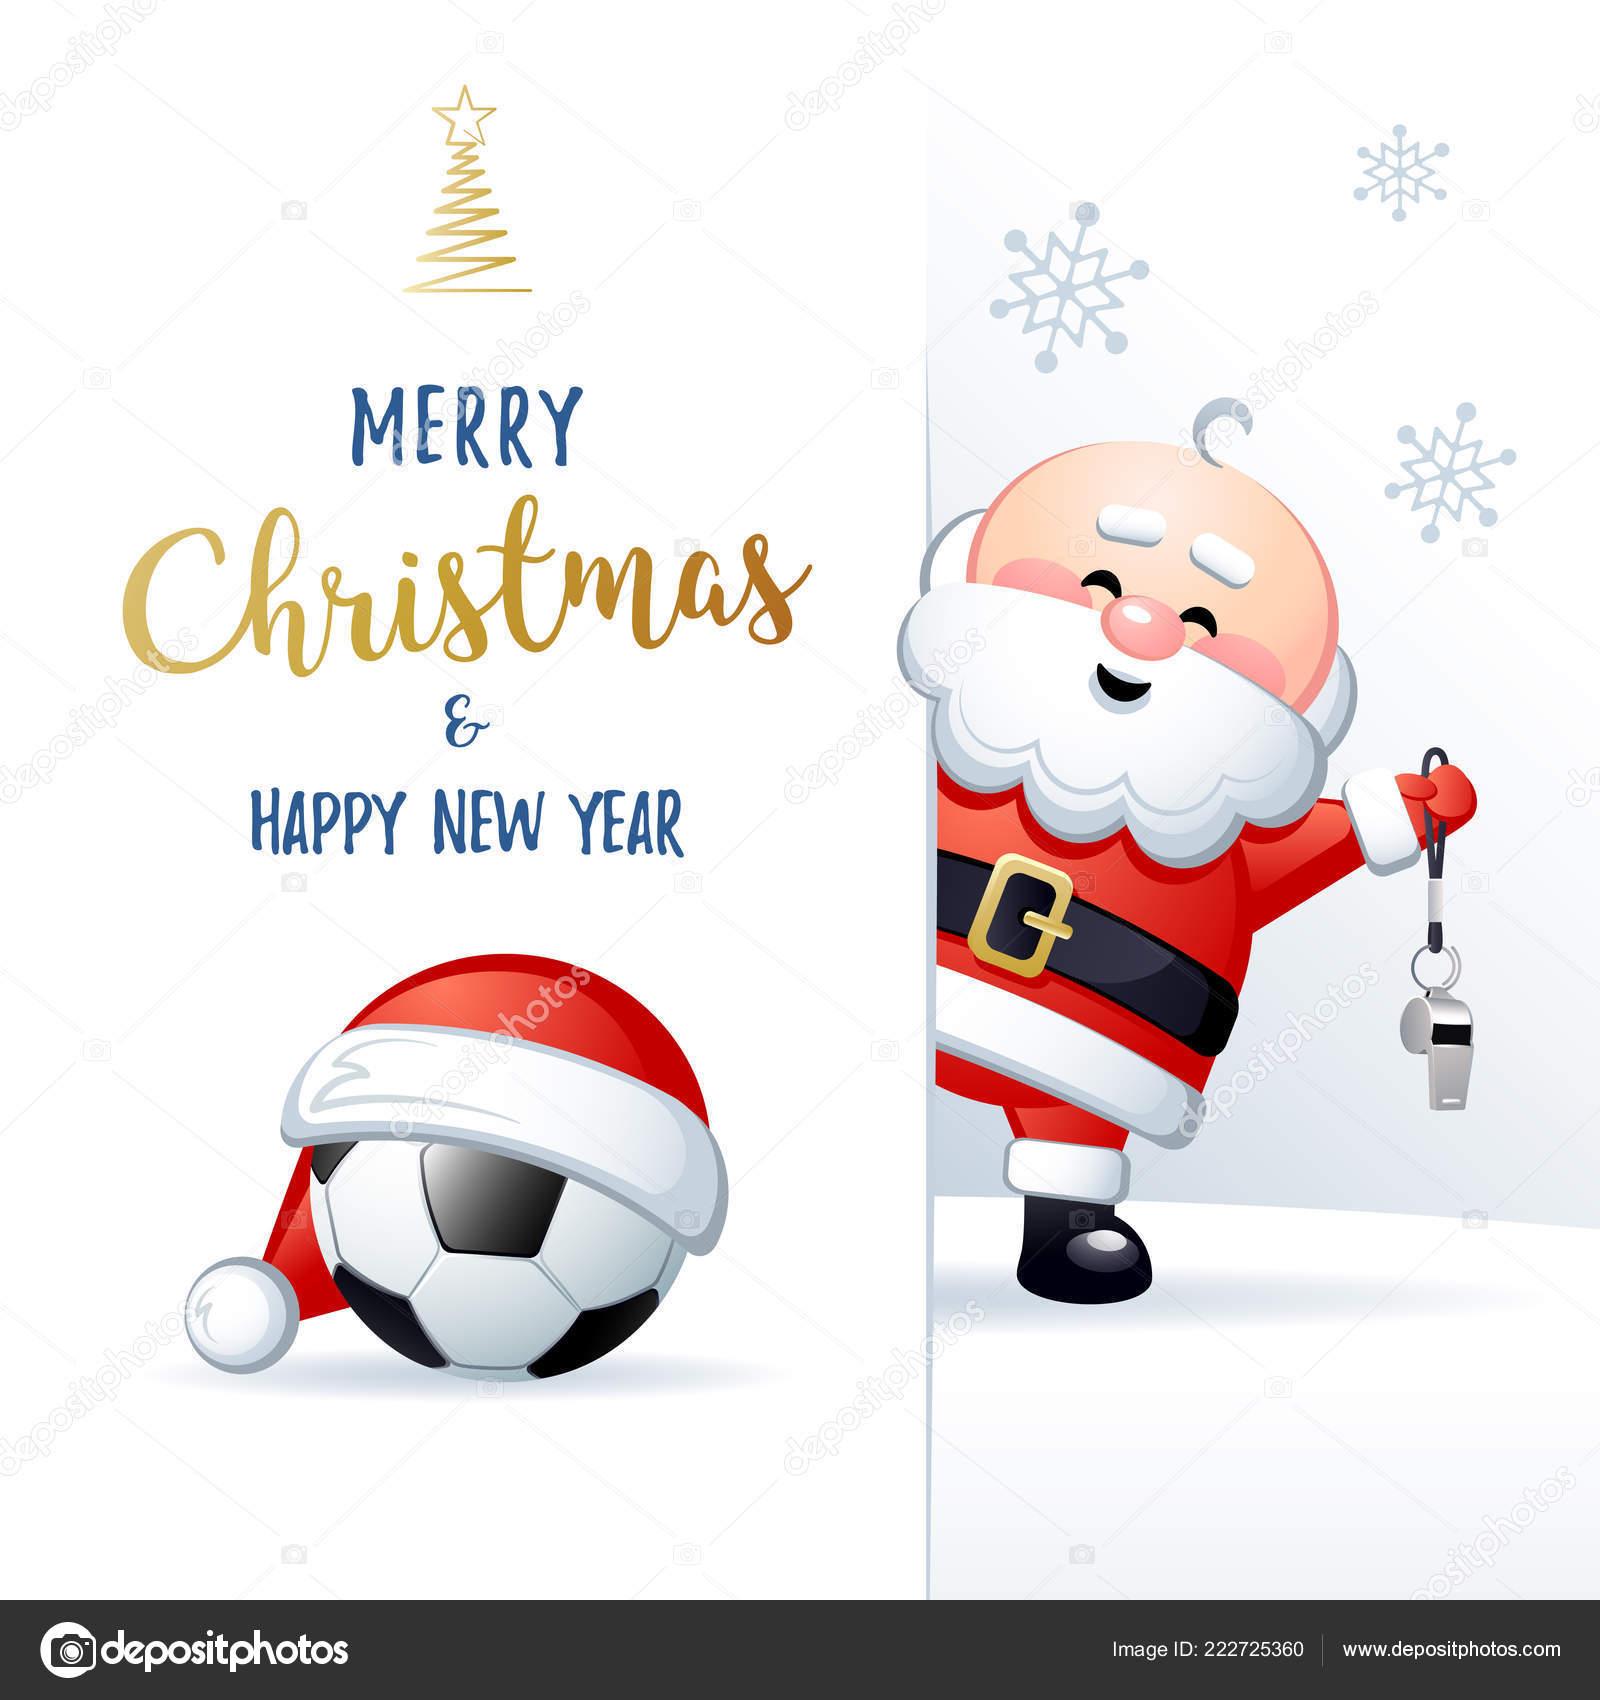 Картинки по запросу с рождеством футбольная открытка